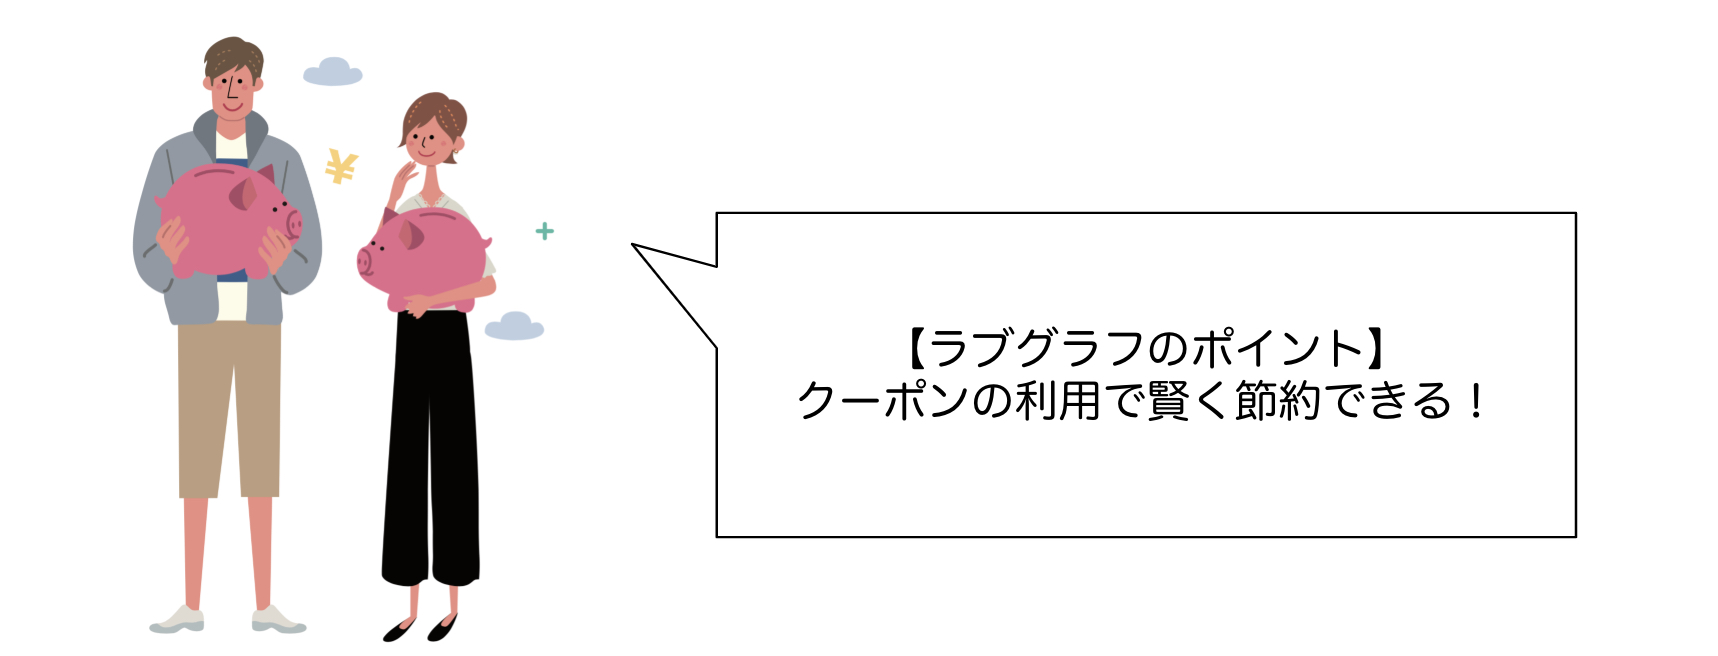 ラブグラフのクーポンコード割引情報